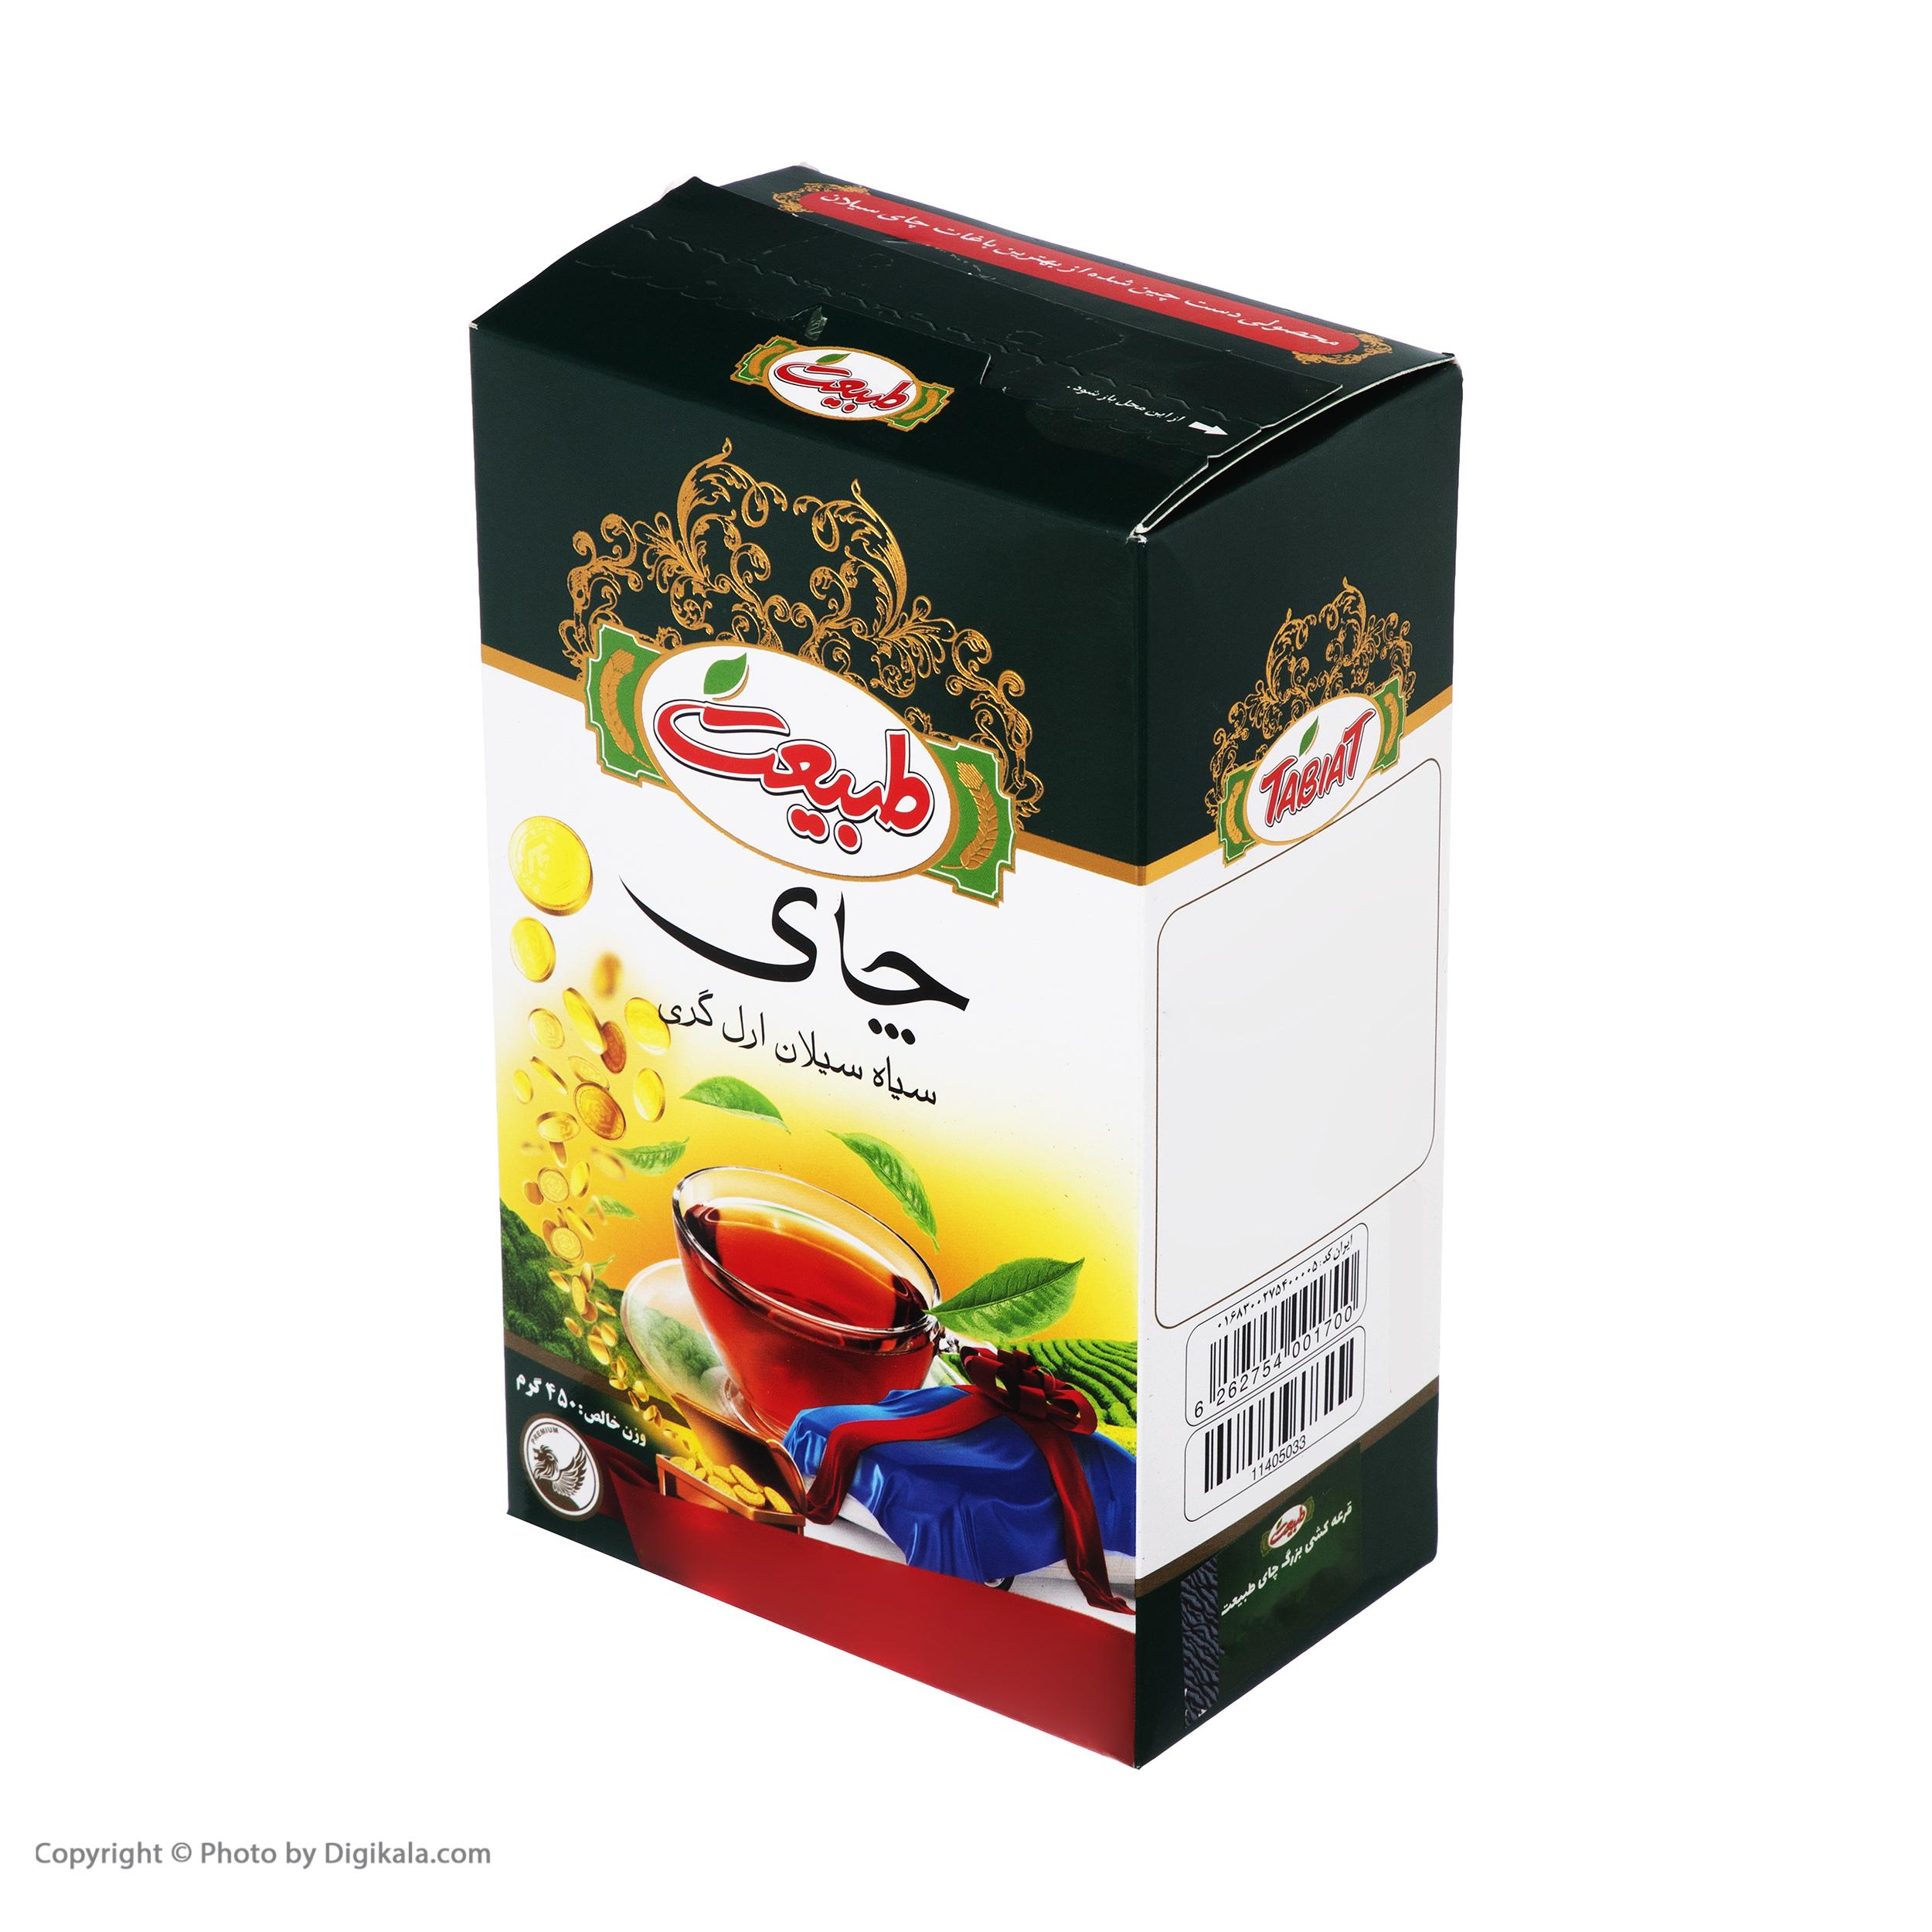 چای سیاه معطر ارل گری طبیعت - 450 گرم main 1 5